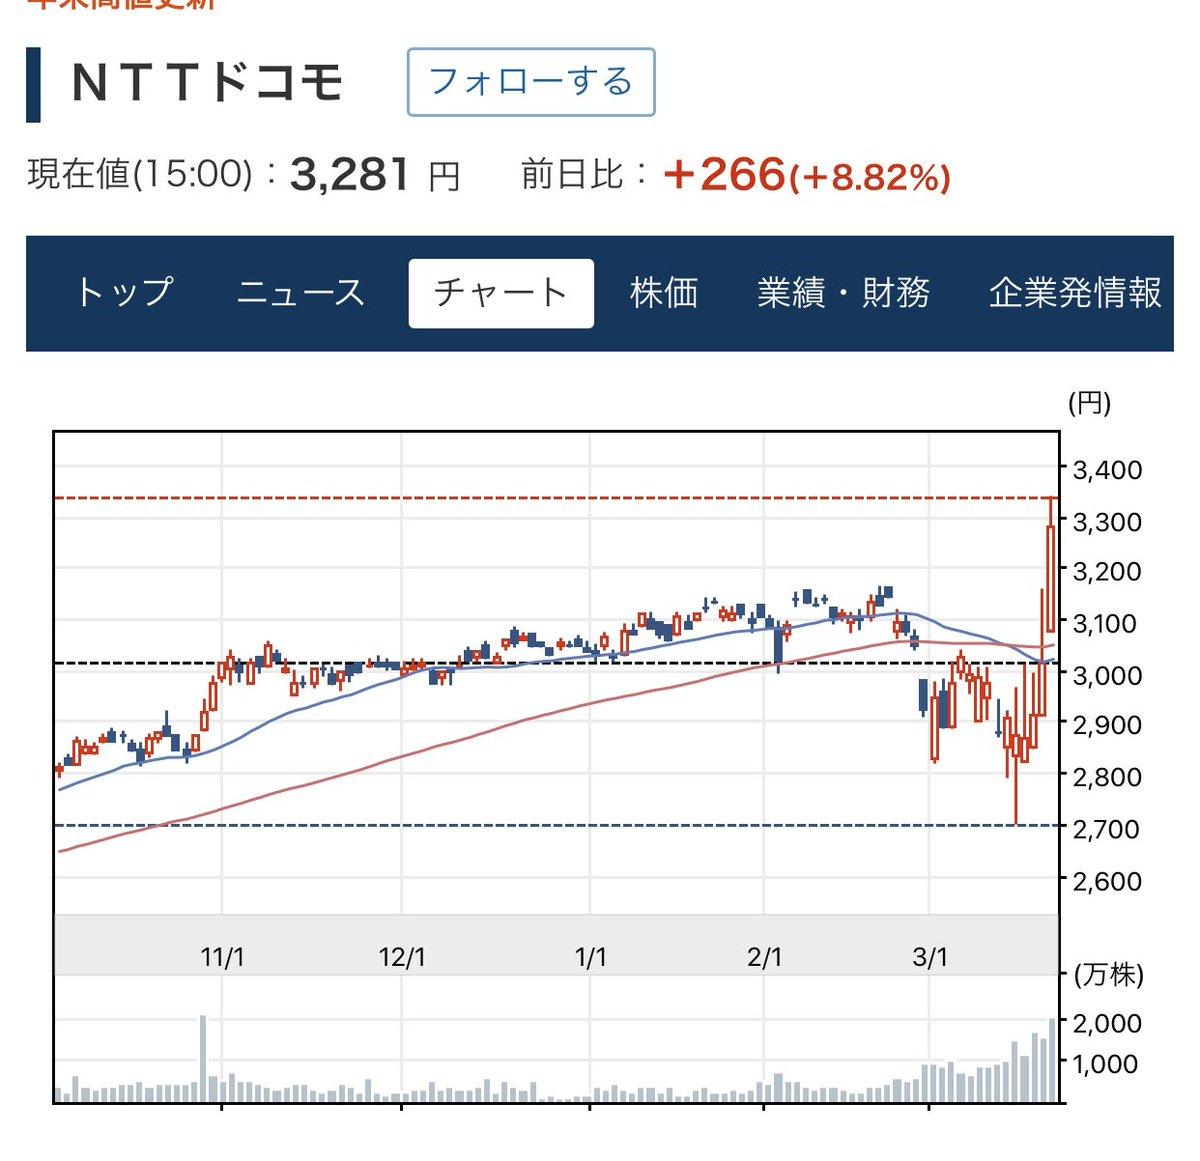 株価 Ntt ドコモ